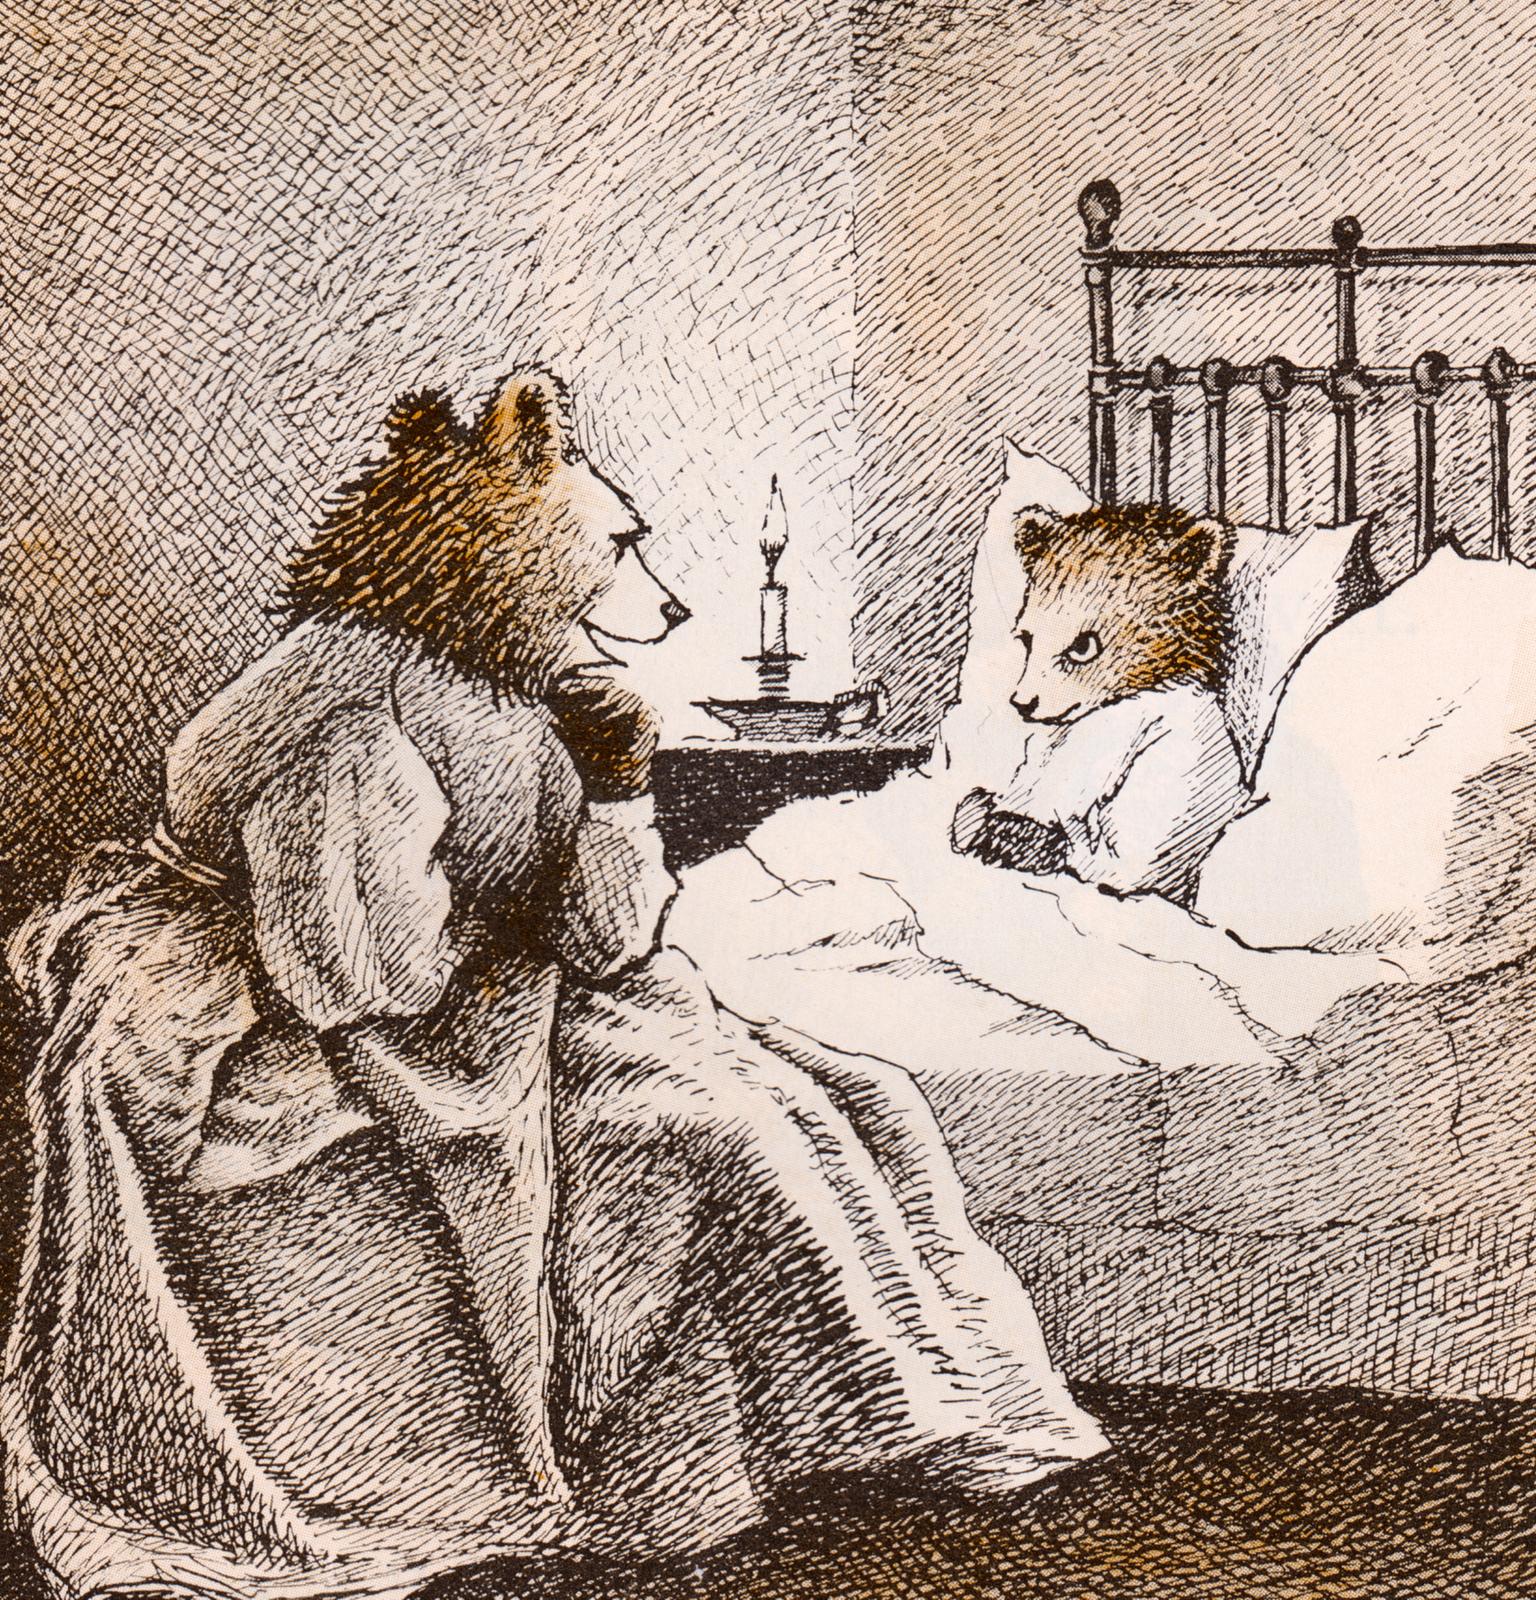 Maurice Sendak - Little Bear. Loved Books